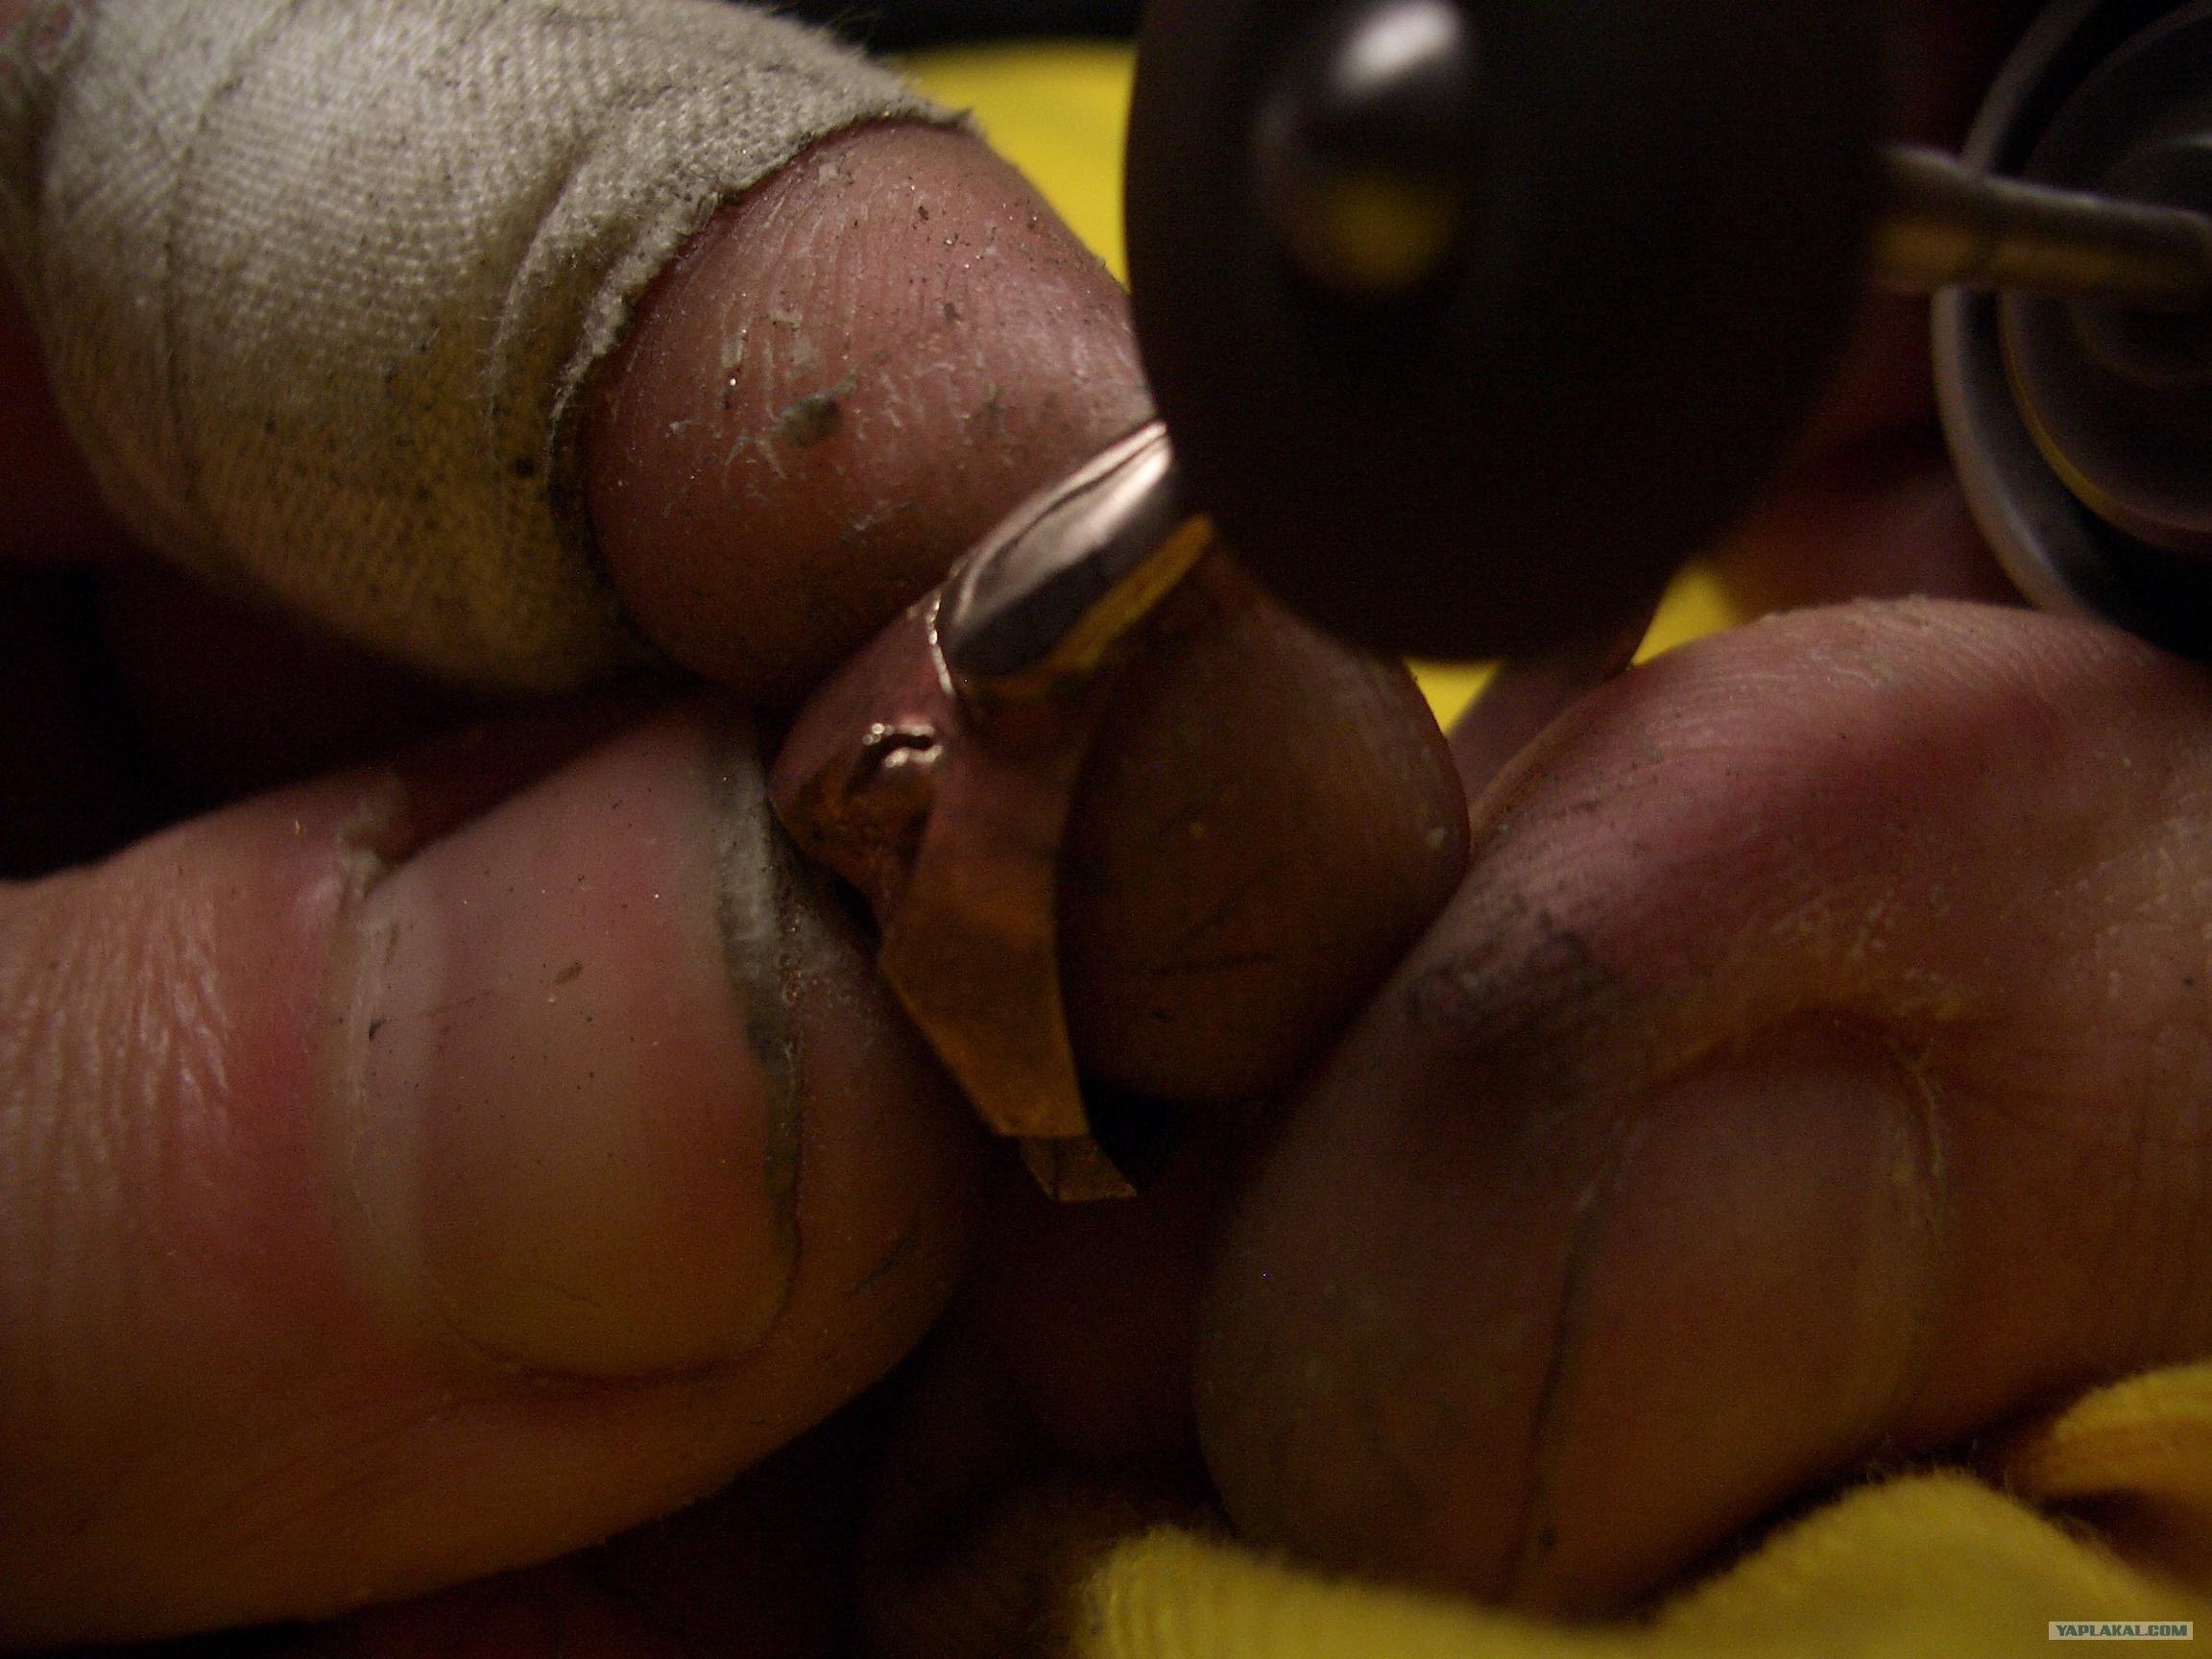 Самодельное кольцо на член 20 фотография